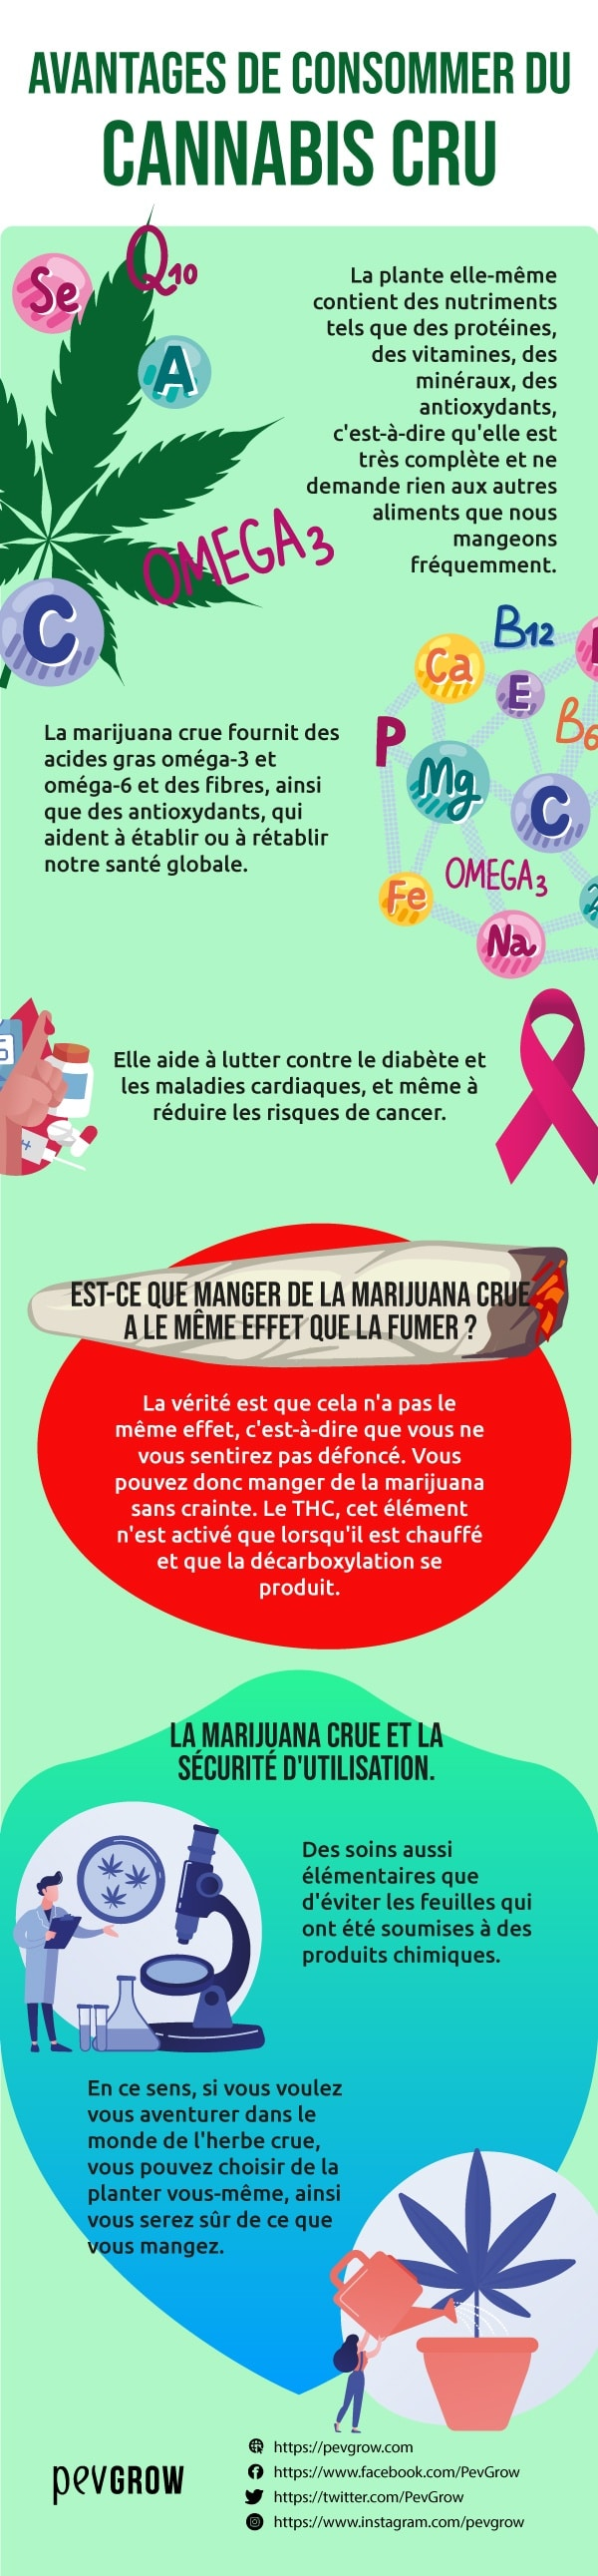 Manger du cannabis vous aide à améliorer votre santé